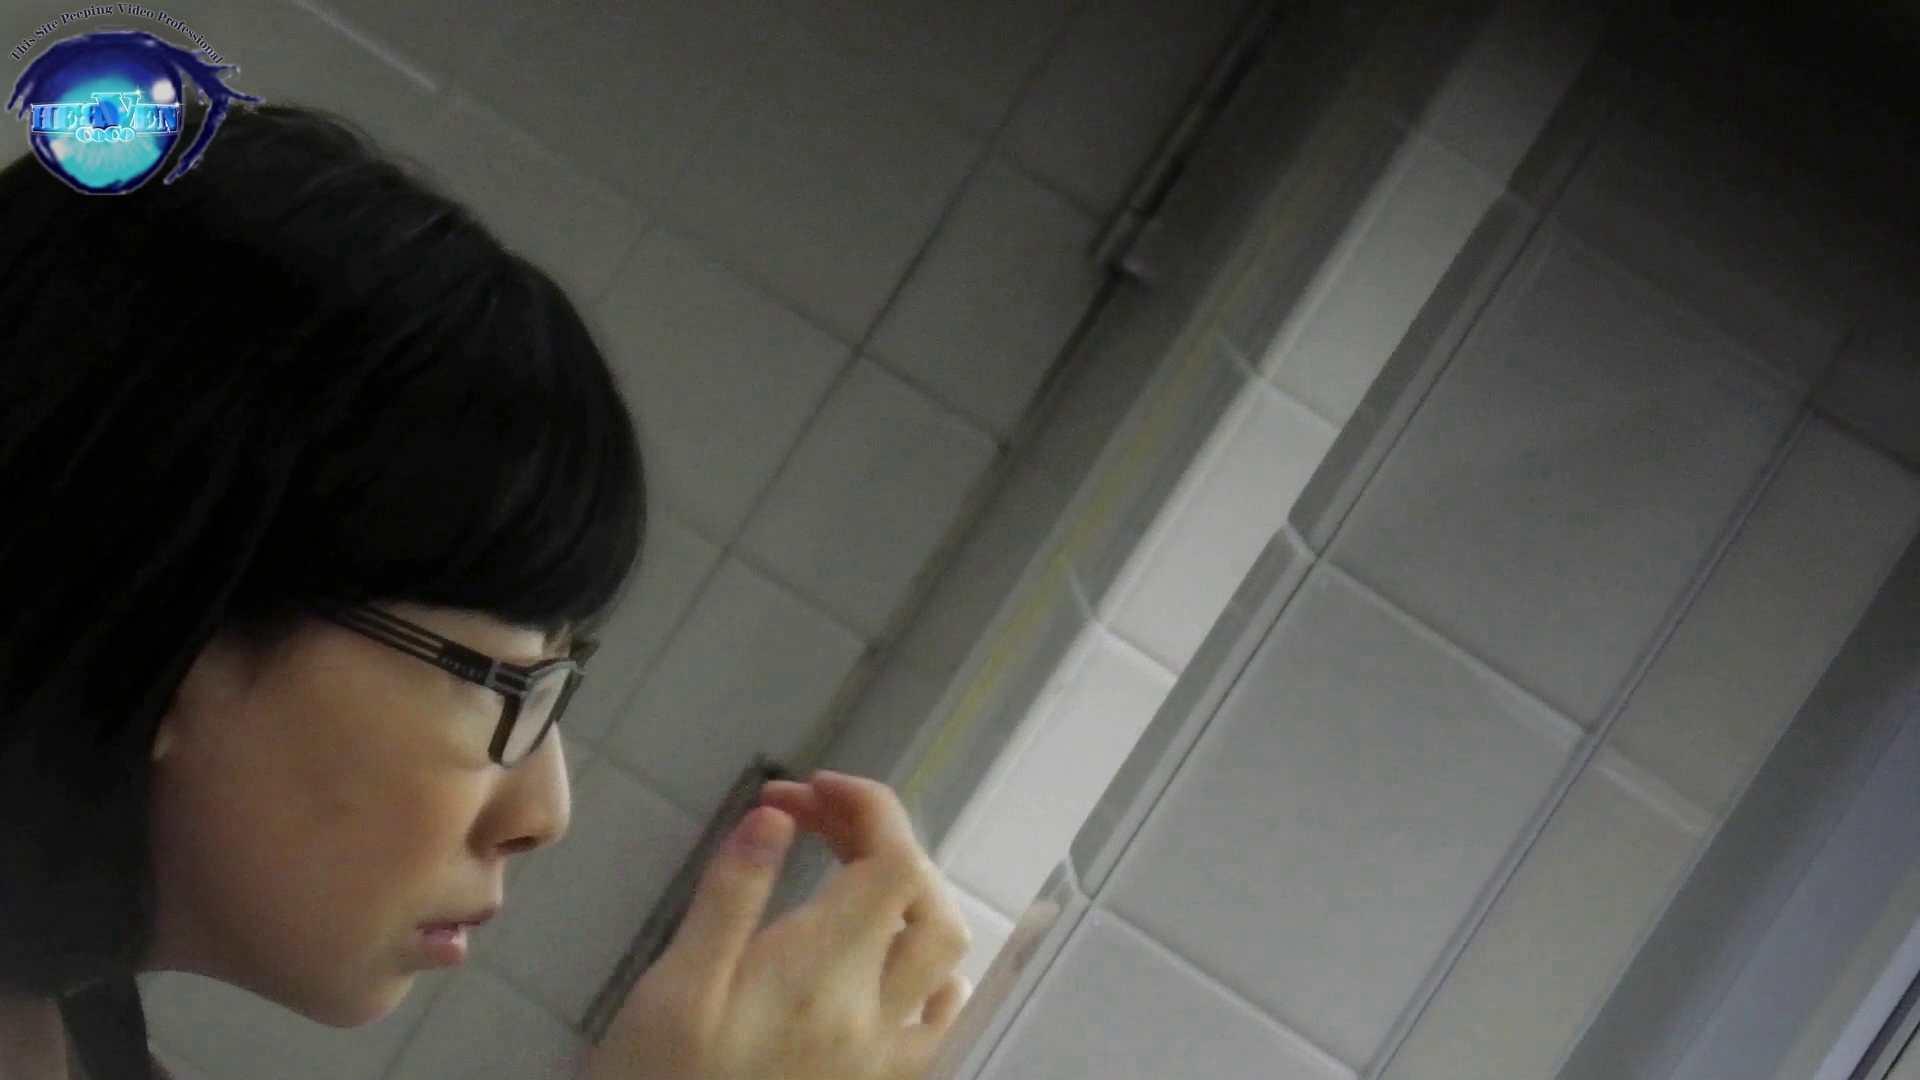 お銀さん vol.59 ピンチ!!「鏡の前で祈る女性」にばれる危機 前編 OLセックス  86画像 20